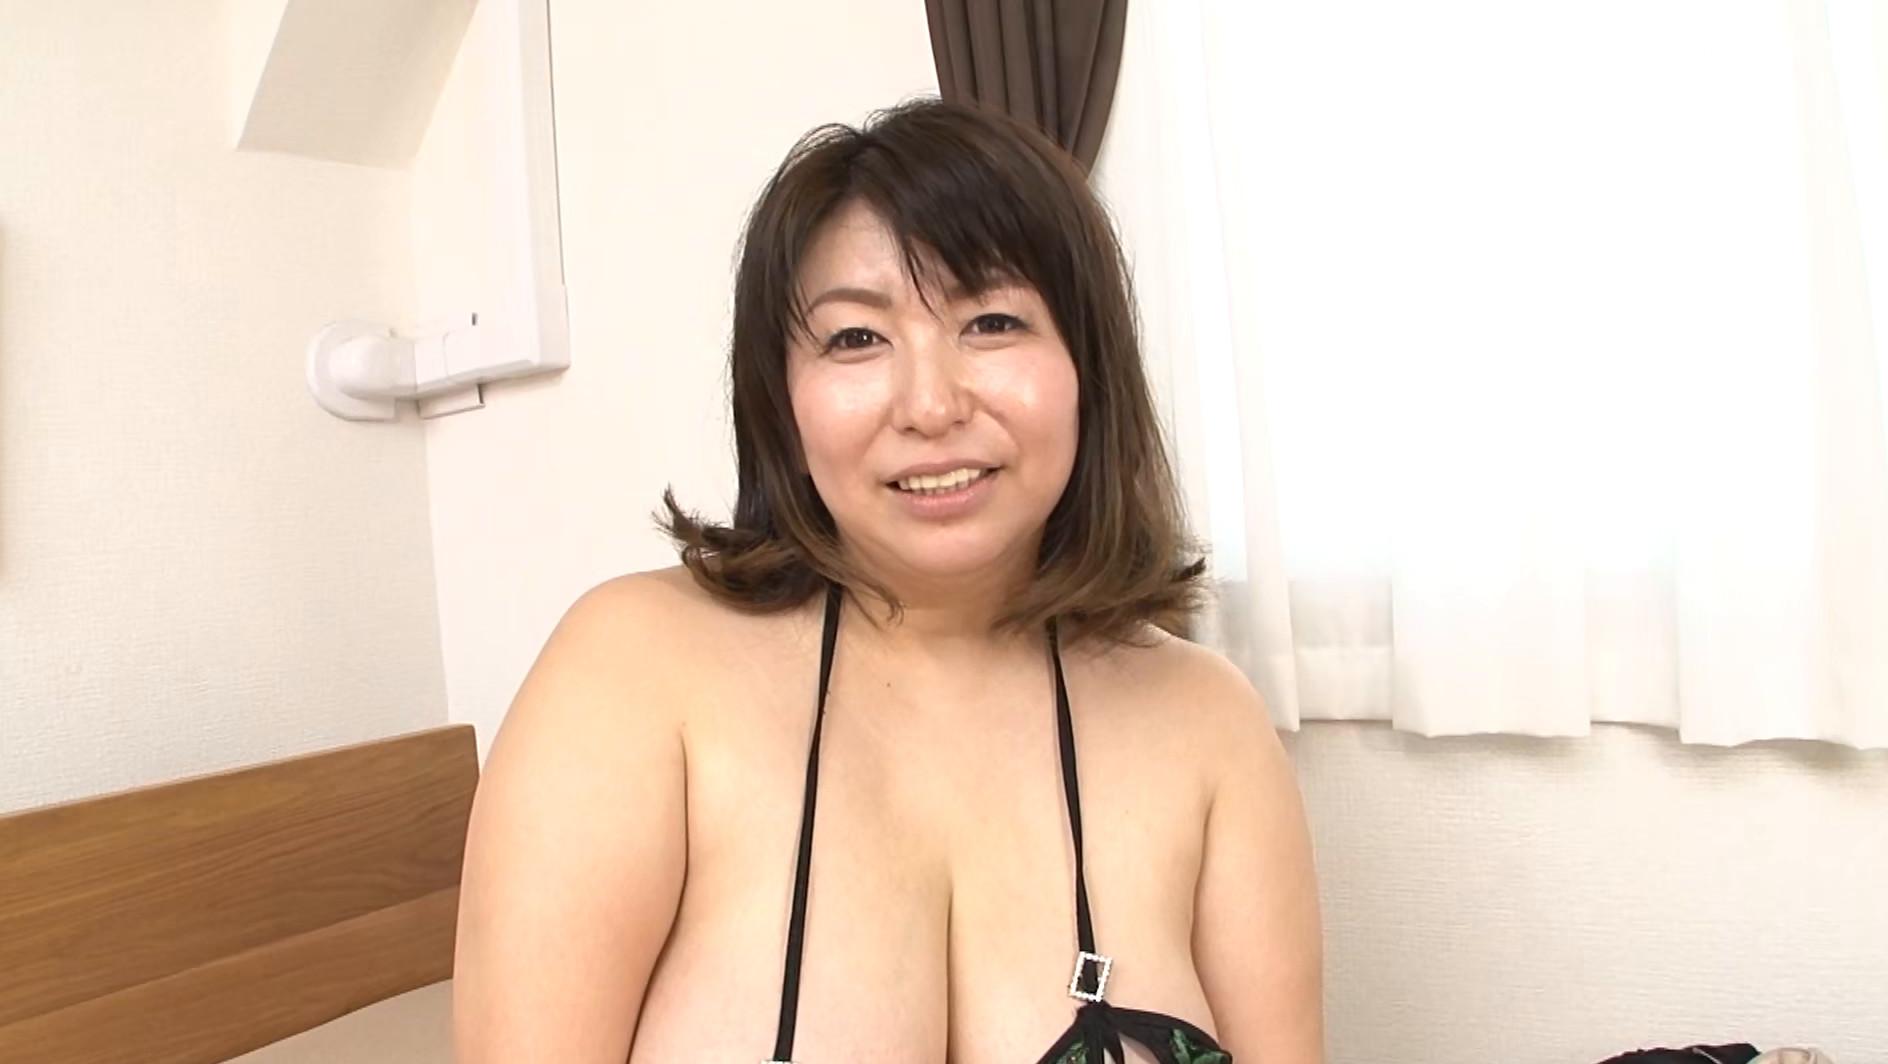 ファンの自宅をゲリラ訪問!折原ゆかりさんとしてみませんか~憧れの熟女と夢の中出しセックス~ 折原ゆかり,のサンプル画像30